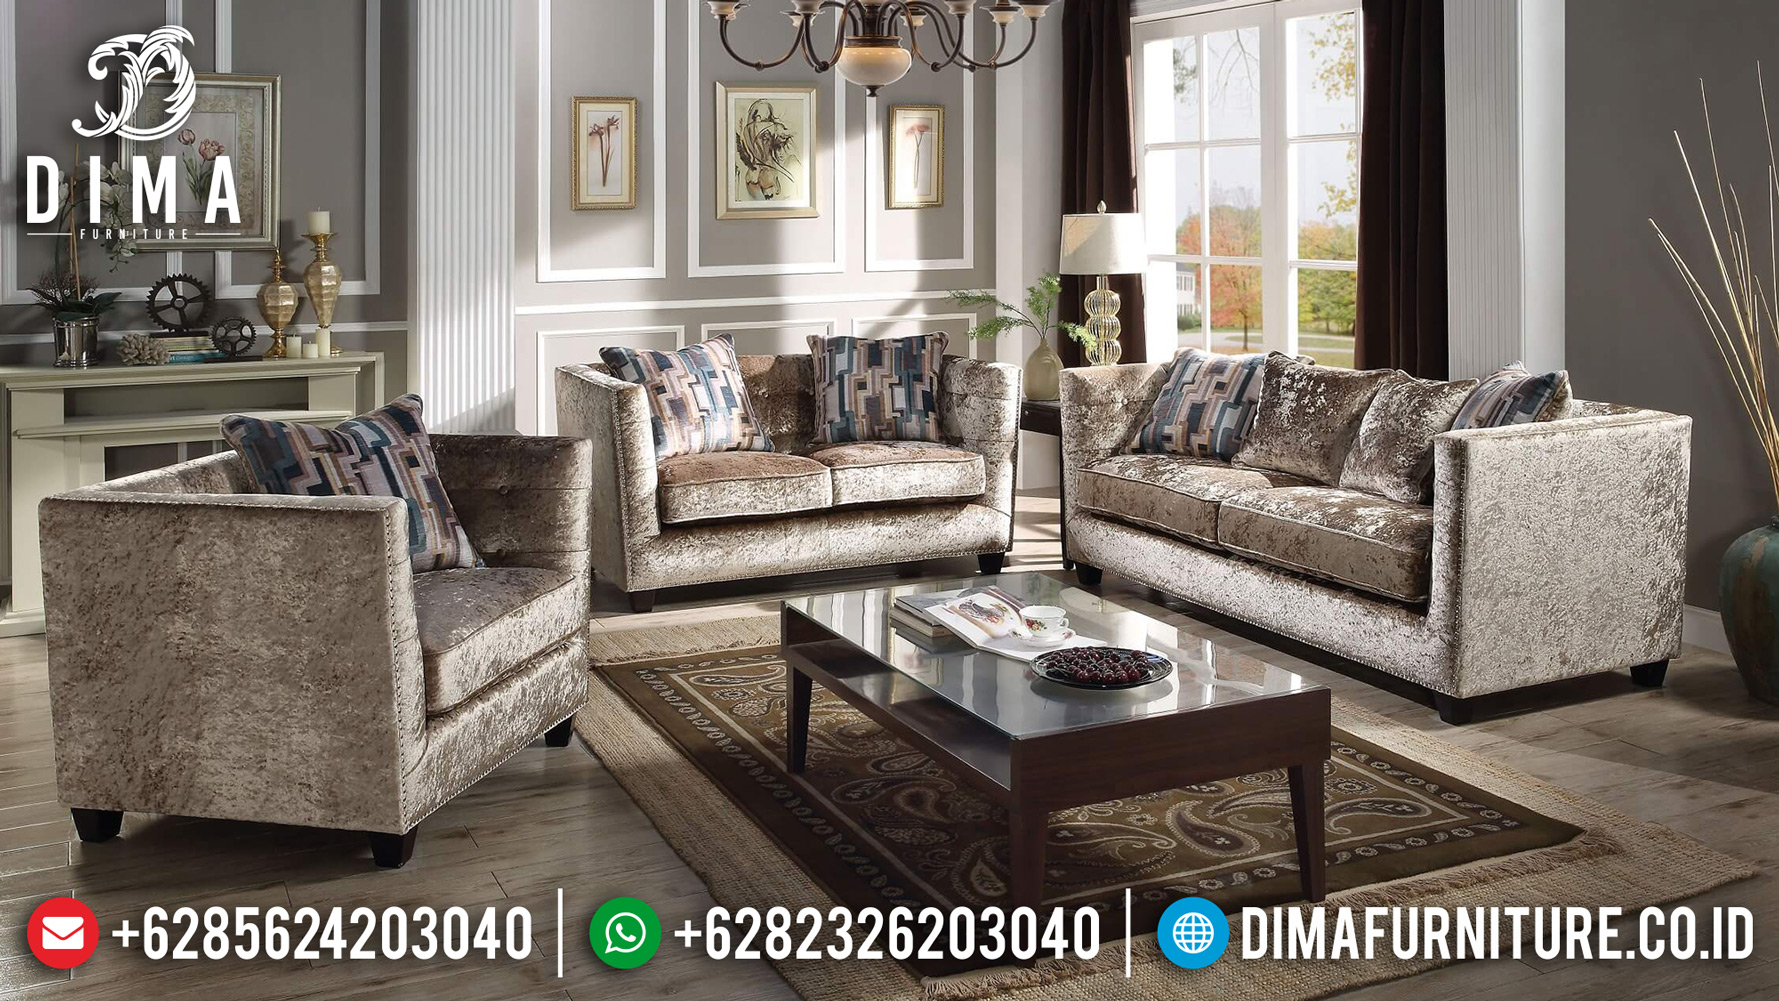 Jual Sofa Ruang Tamu, Sofa Tamu Minimalis Jepara, Kursi Mewah Minimalis DF-0837